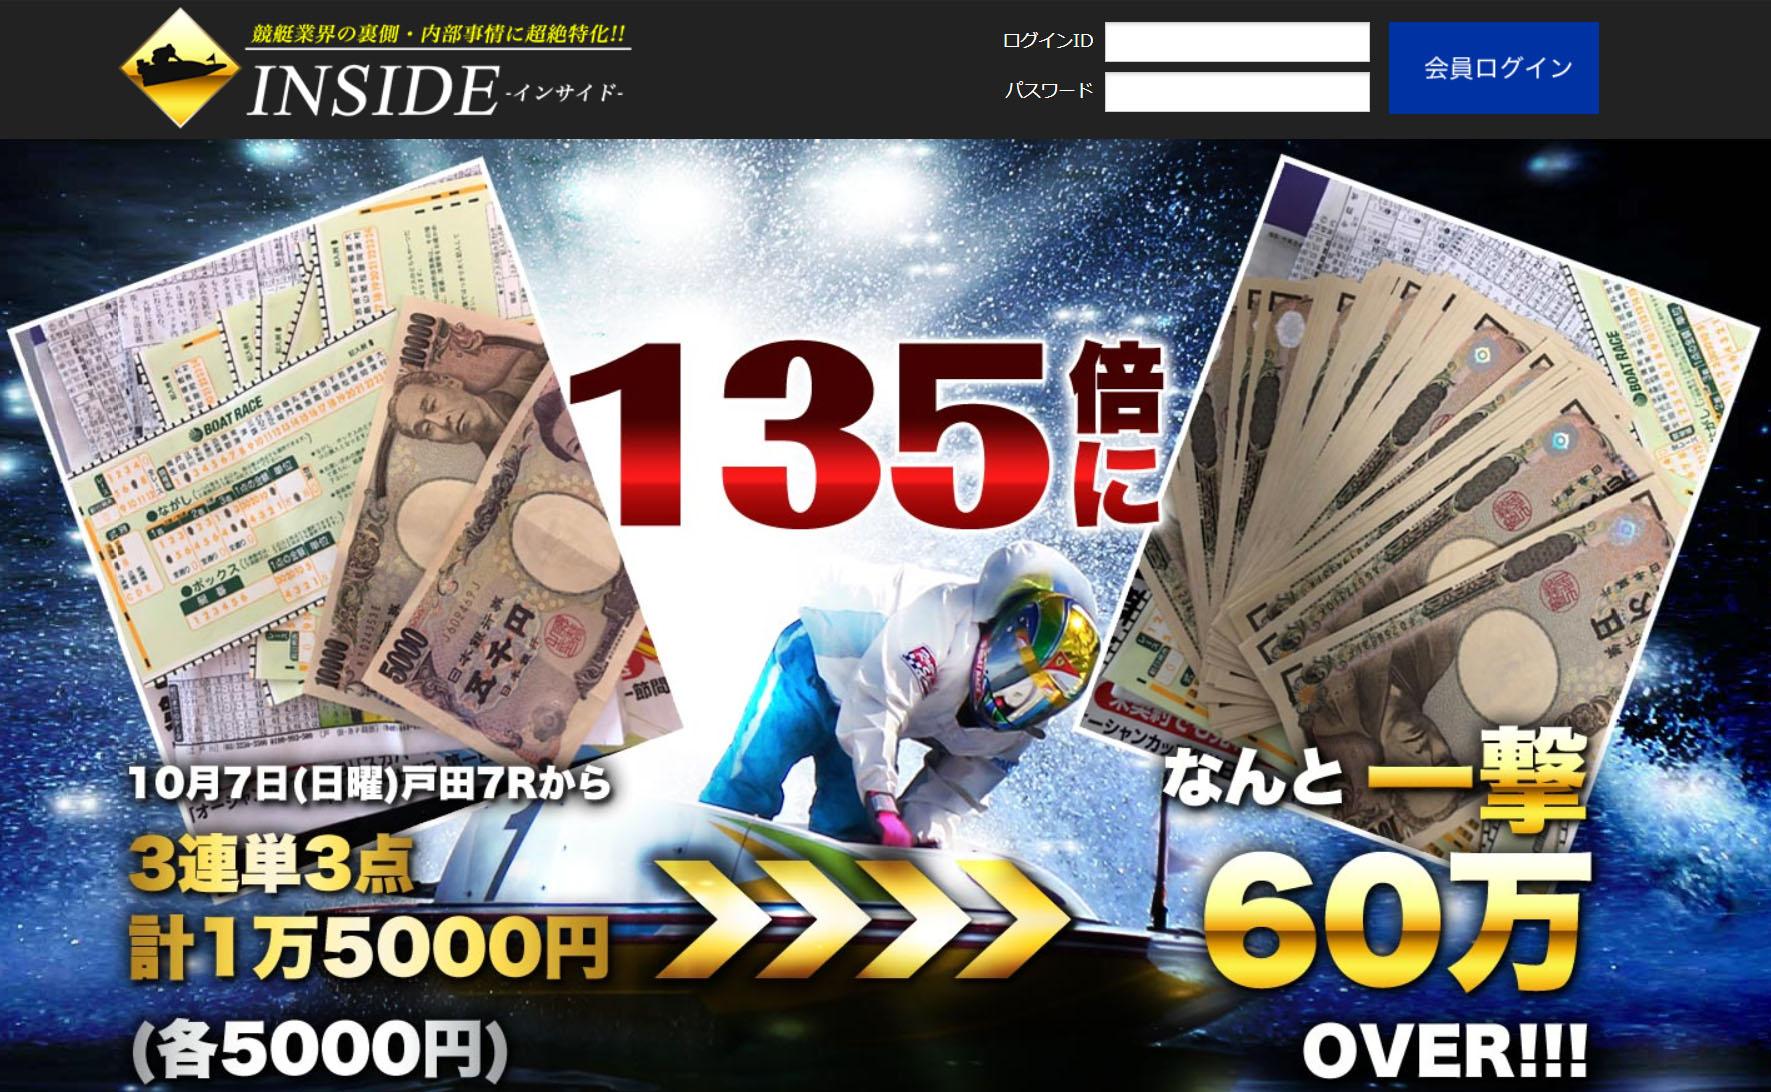 INSIDE(インサイド)